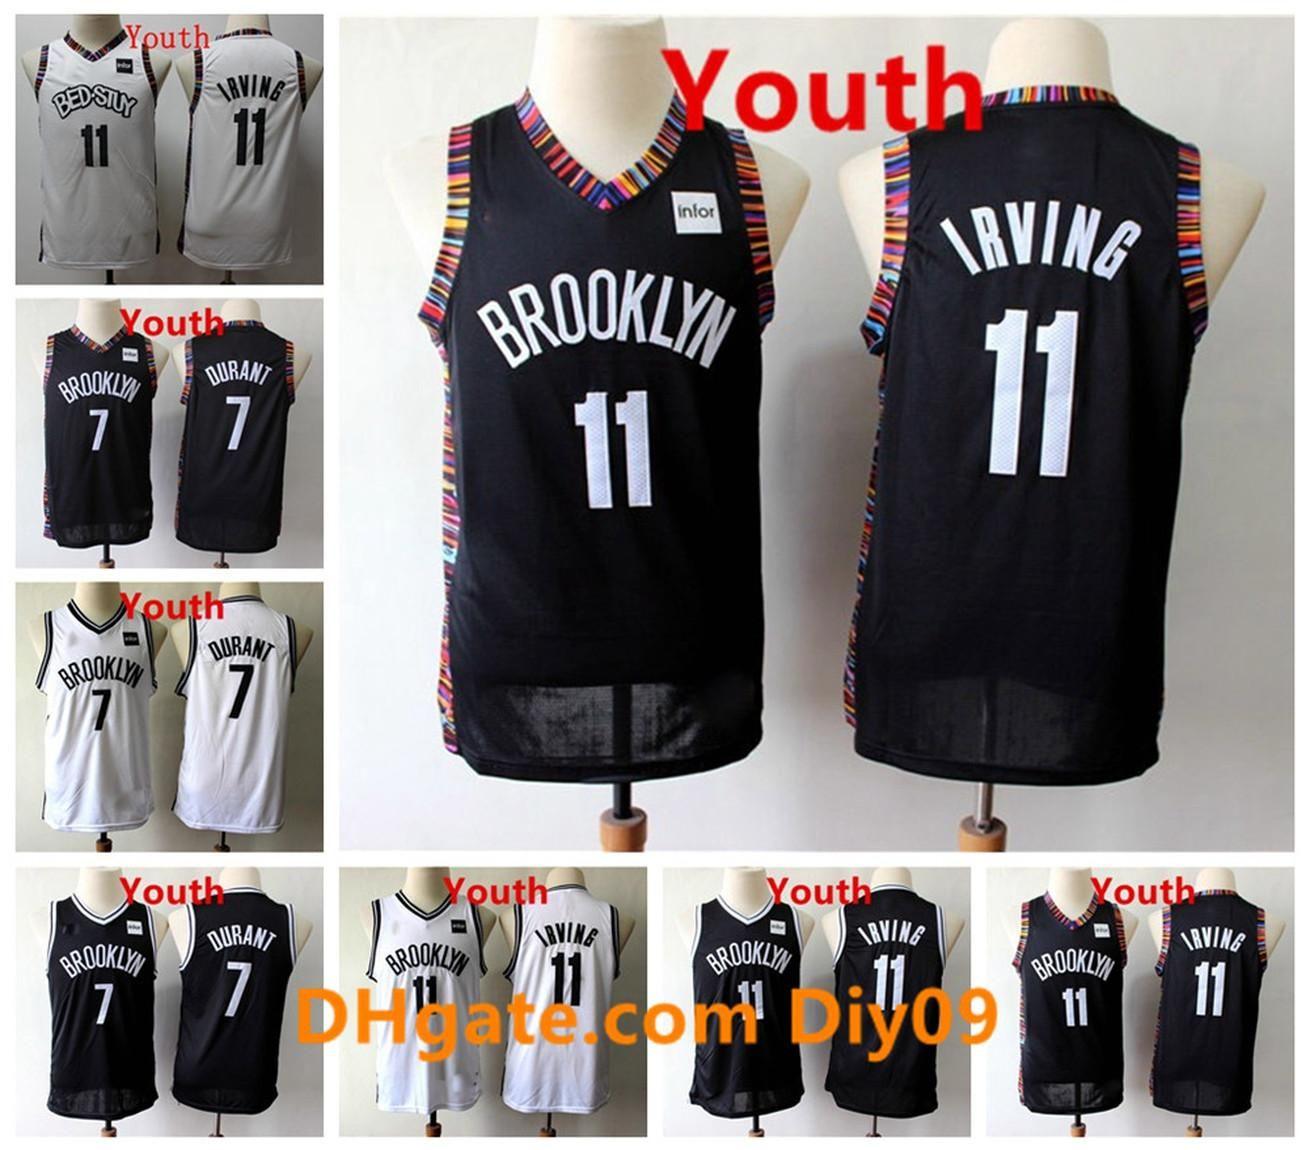 Çocuklar 11 Kyrie Irving Jersey Siyah Beyaz 7 Kevin Durant Şehir Yeni Baskı Dikişli Gençlik Vintage Basketbol Formaları